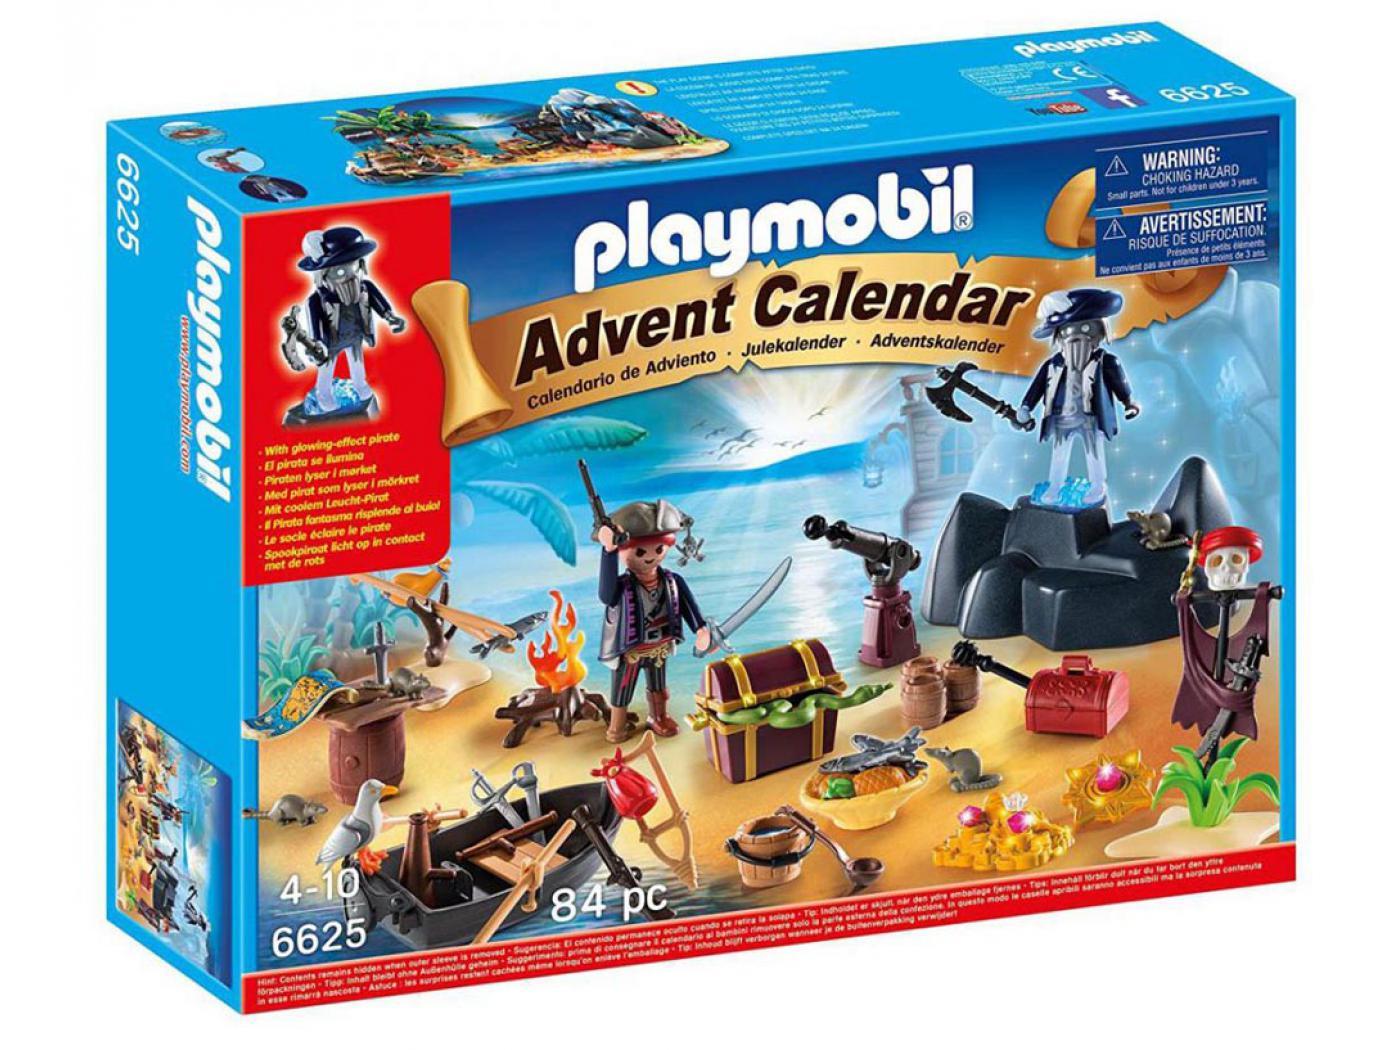 Playmobil ® Jeux Jouets Borntobekids Et Enfants Constructions Aj3RS5q4cL